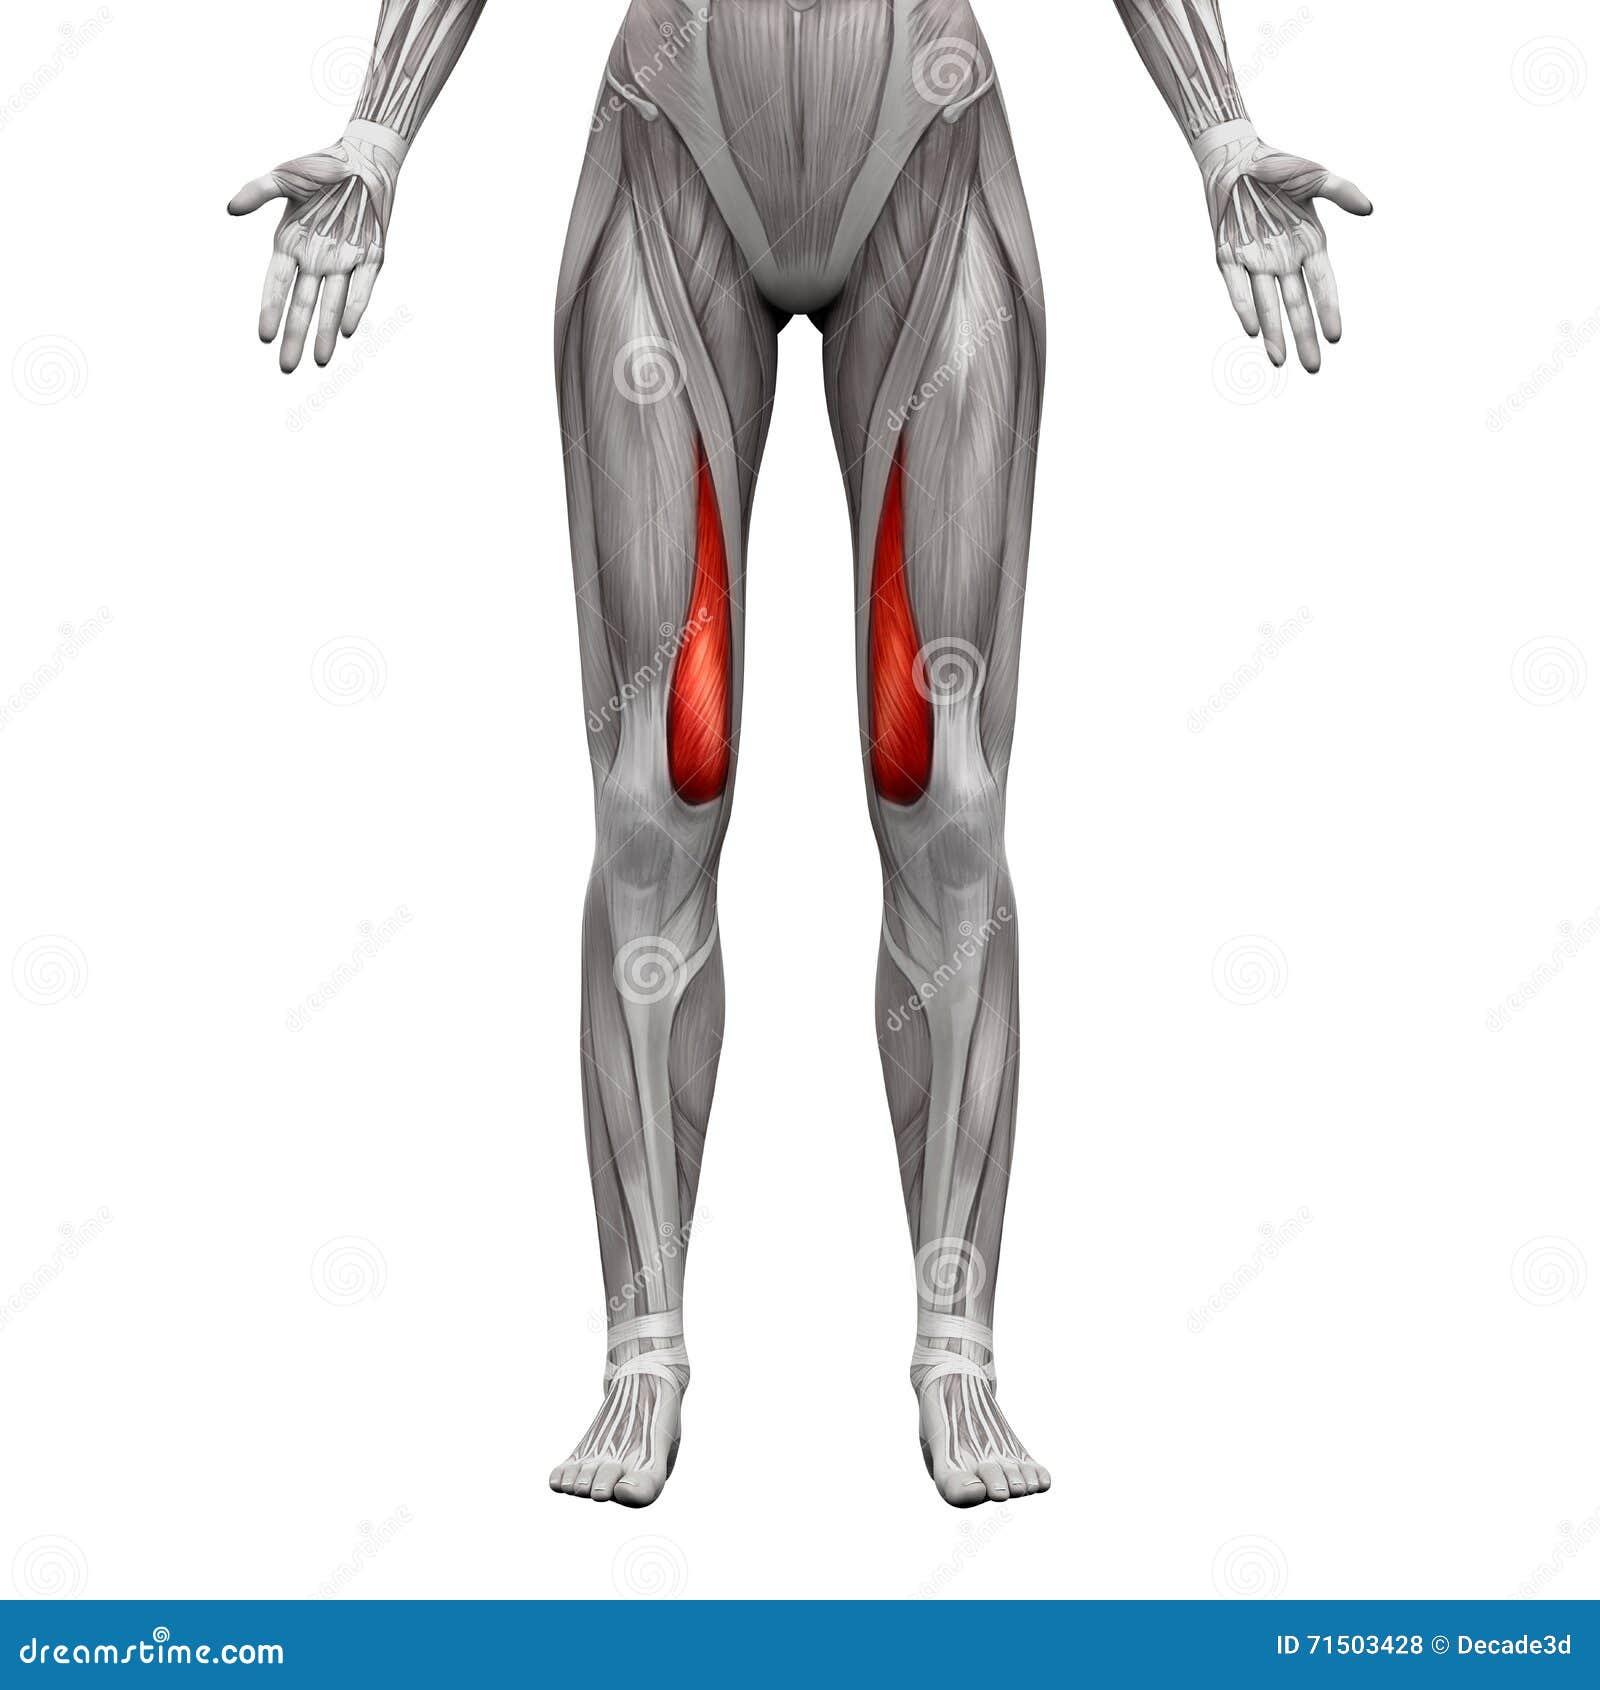 Vastus мышца Medialis - мышцы анатомии изолированные на бело- 3D